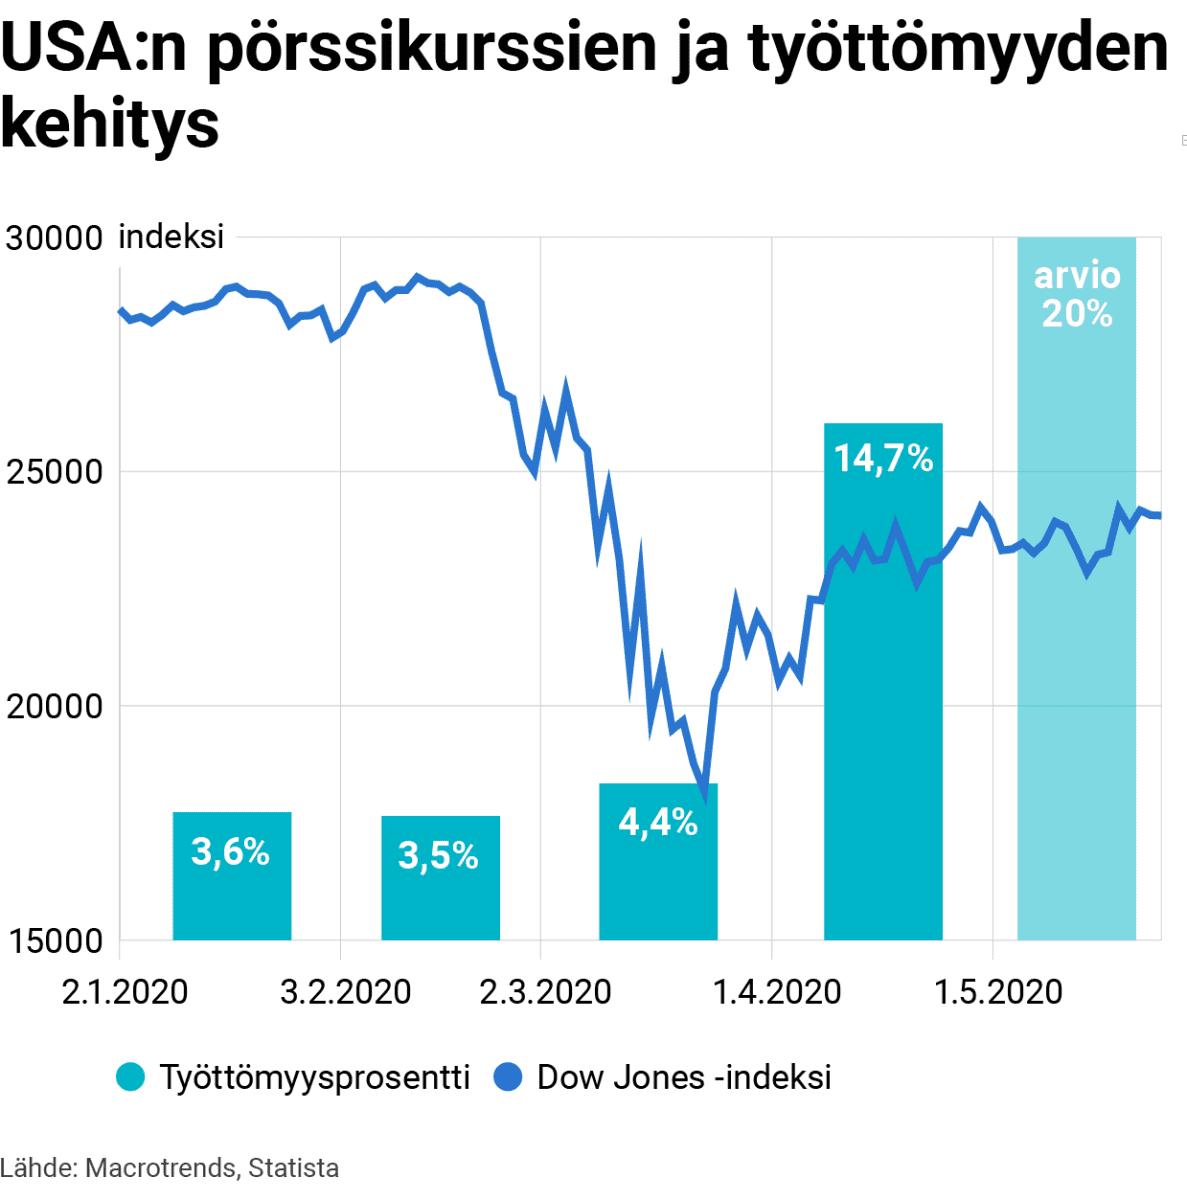 USA:n pörssikurssien ja työttömyyden kehitys: koronatilanteen takia pörssikurssit romahtivat maaliskuun alussa, mutta ovat alkaneet elpymään toisin kuin työttömyysprosentti on lähtenyt suureen nousuun tilanteen takia.